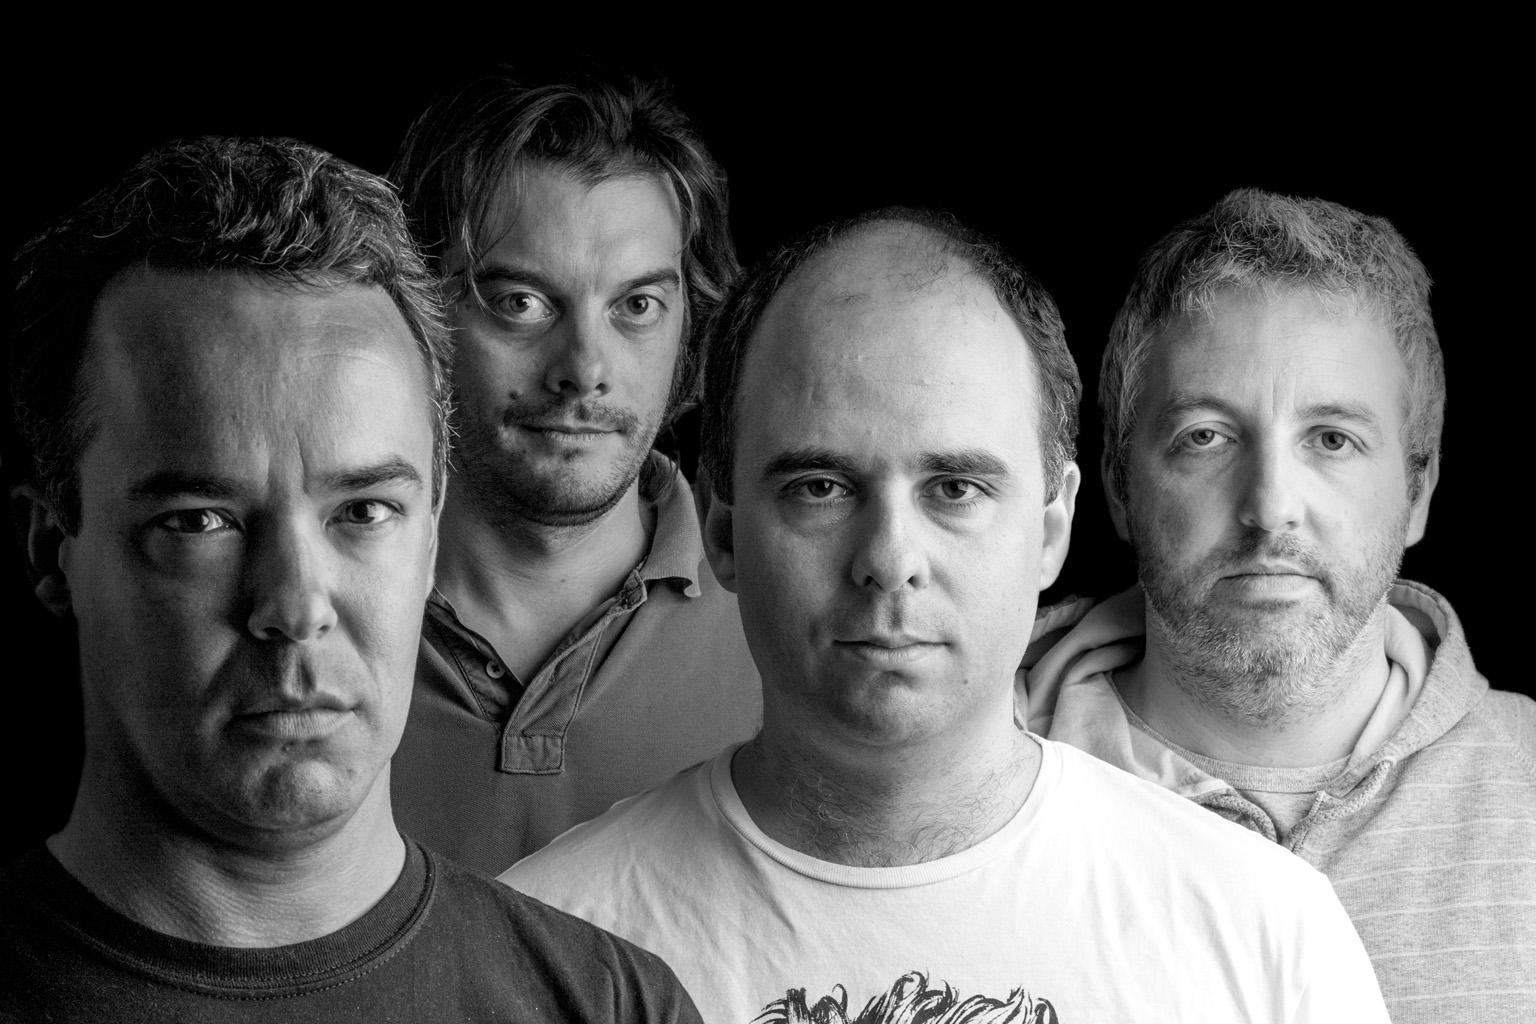 Urbanature | Luís Madureira, João Marques, Nuno Camacho e Francisco Cardoso